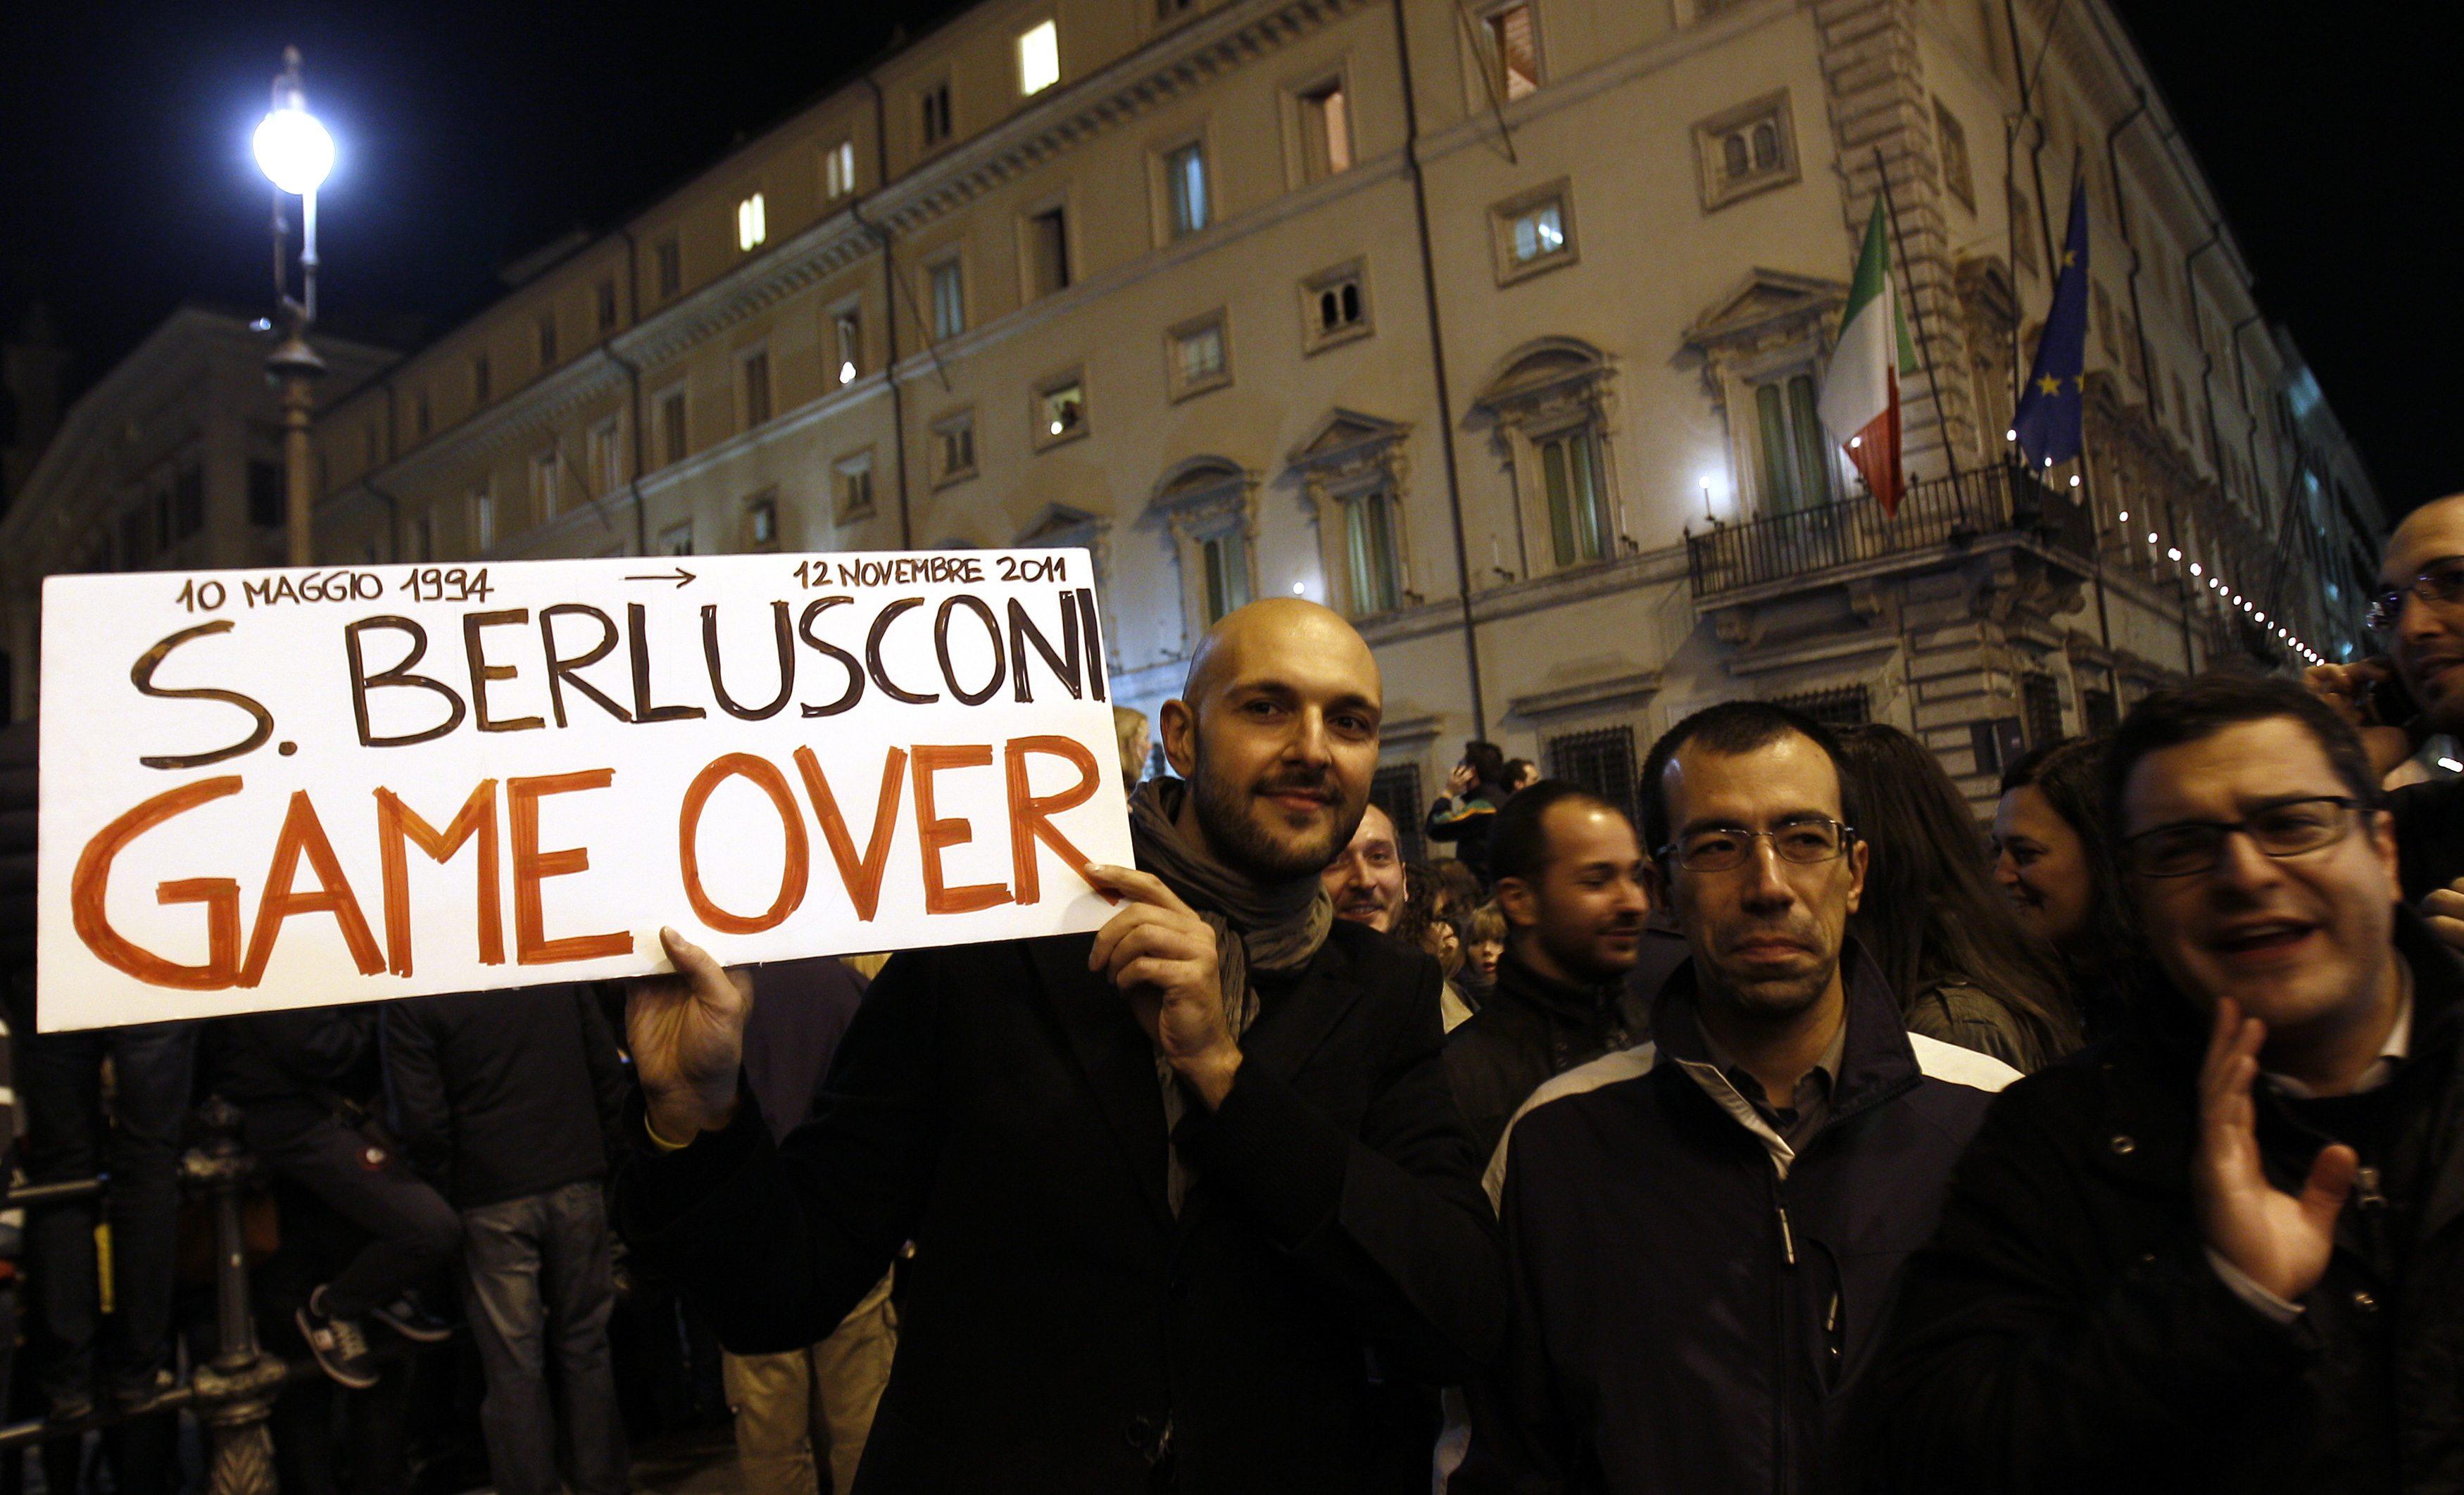 اٹلی کا معاشی و سیاسی بحران سرمایہ داری کی ڈوبتی ناؤ!